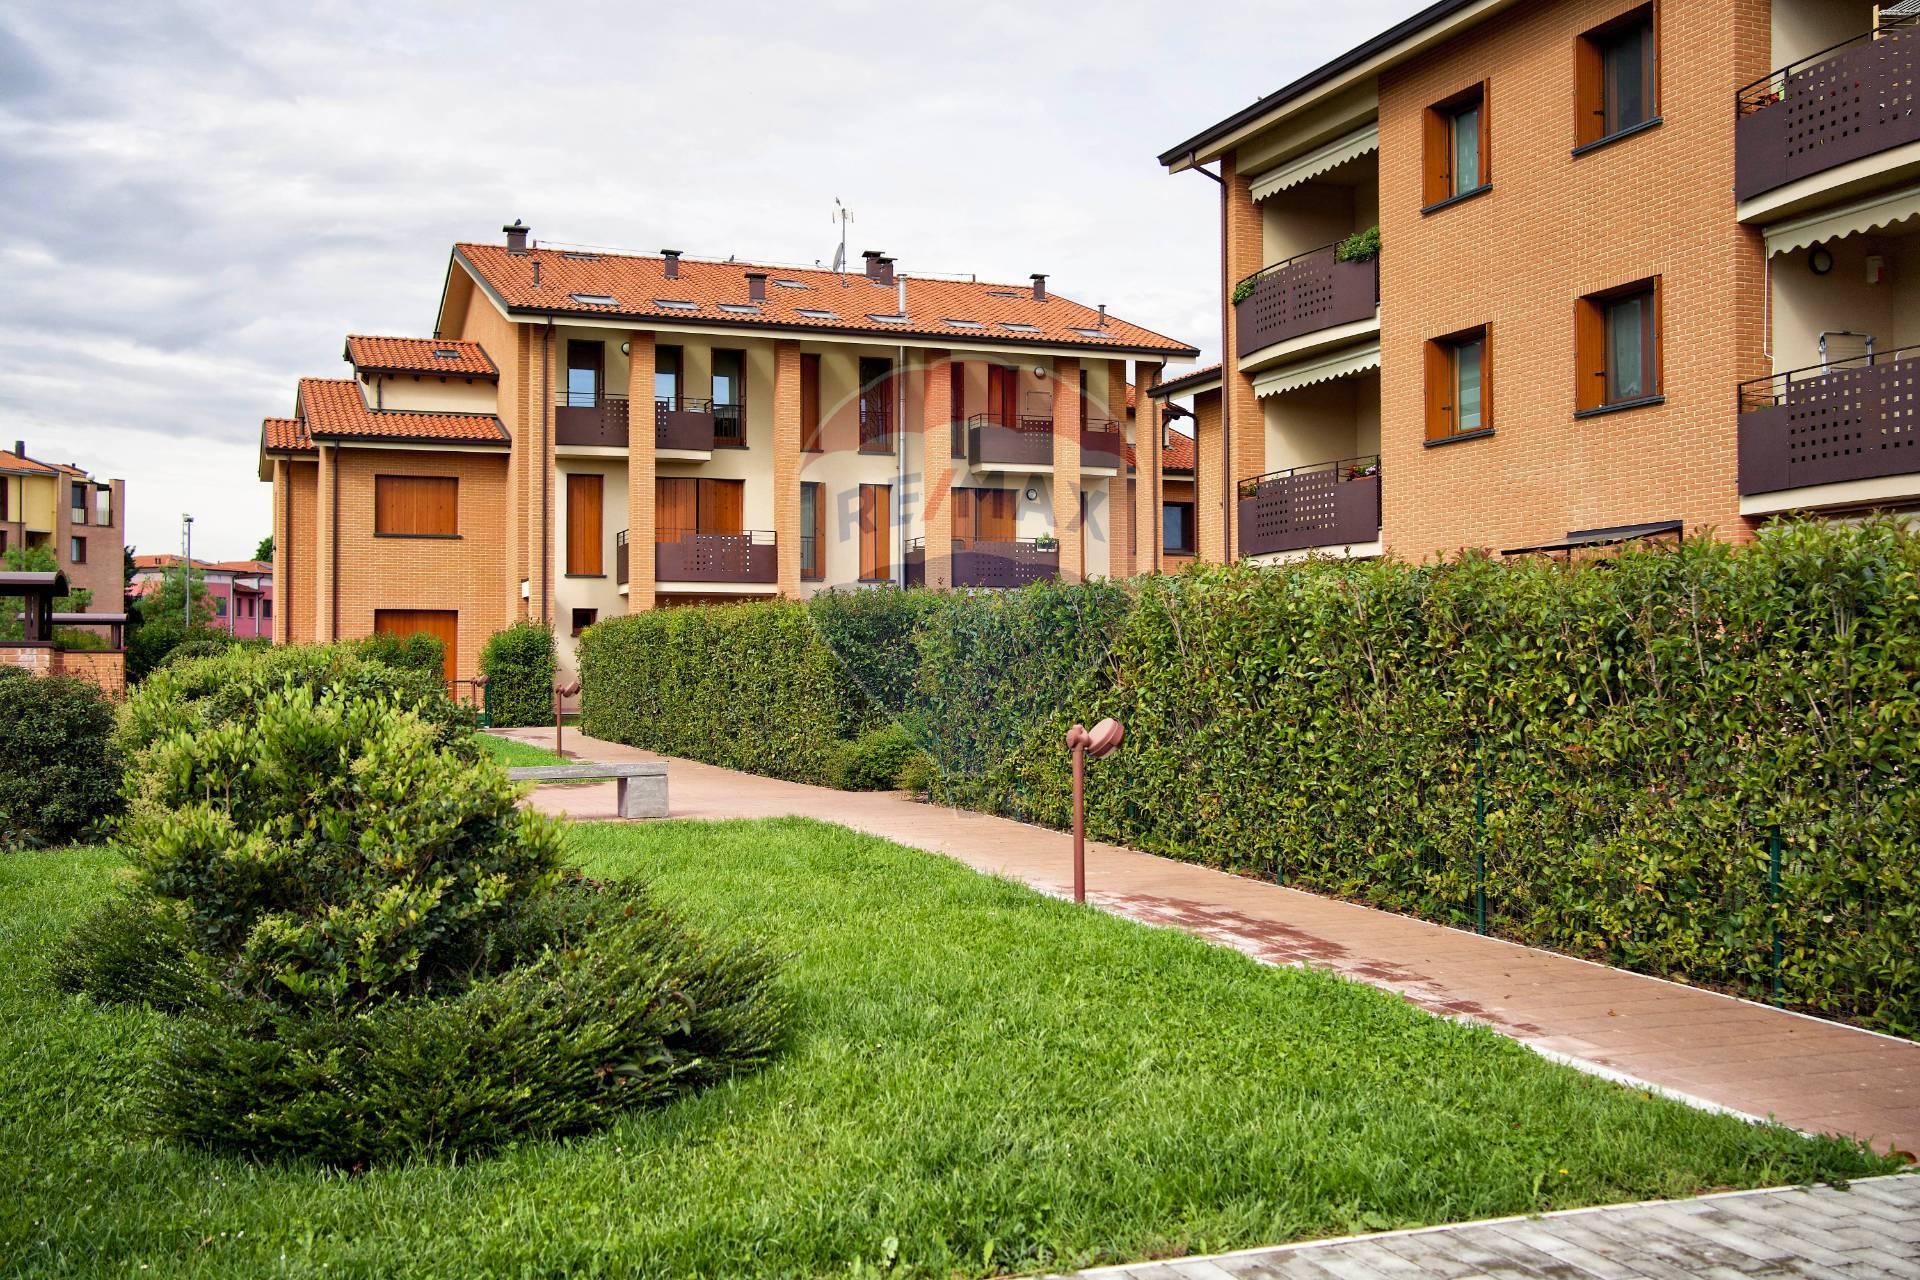 Appartamento in Vendita a Collecchio (Parma)   Bertolotti ...